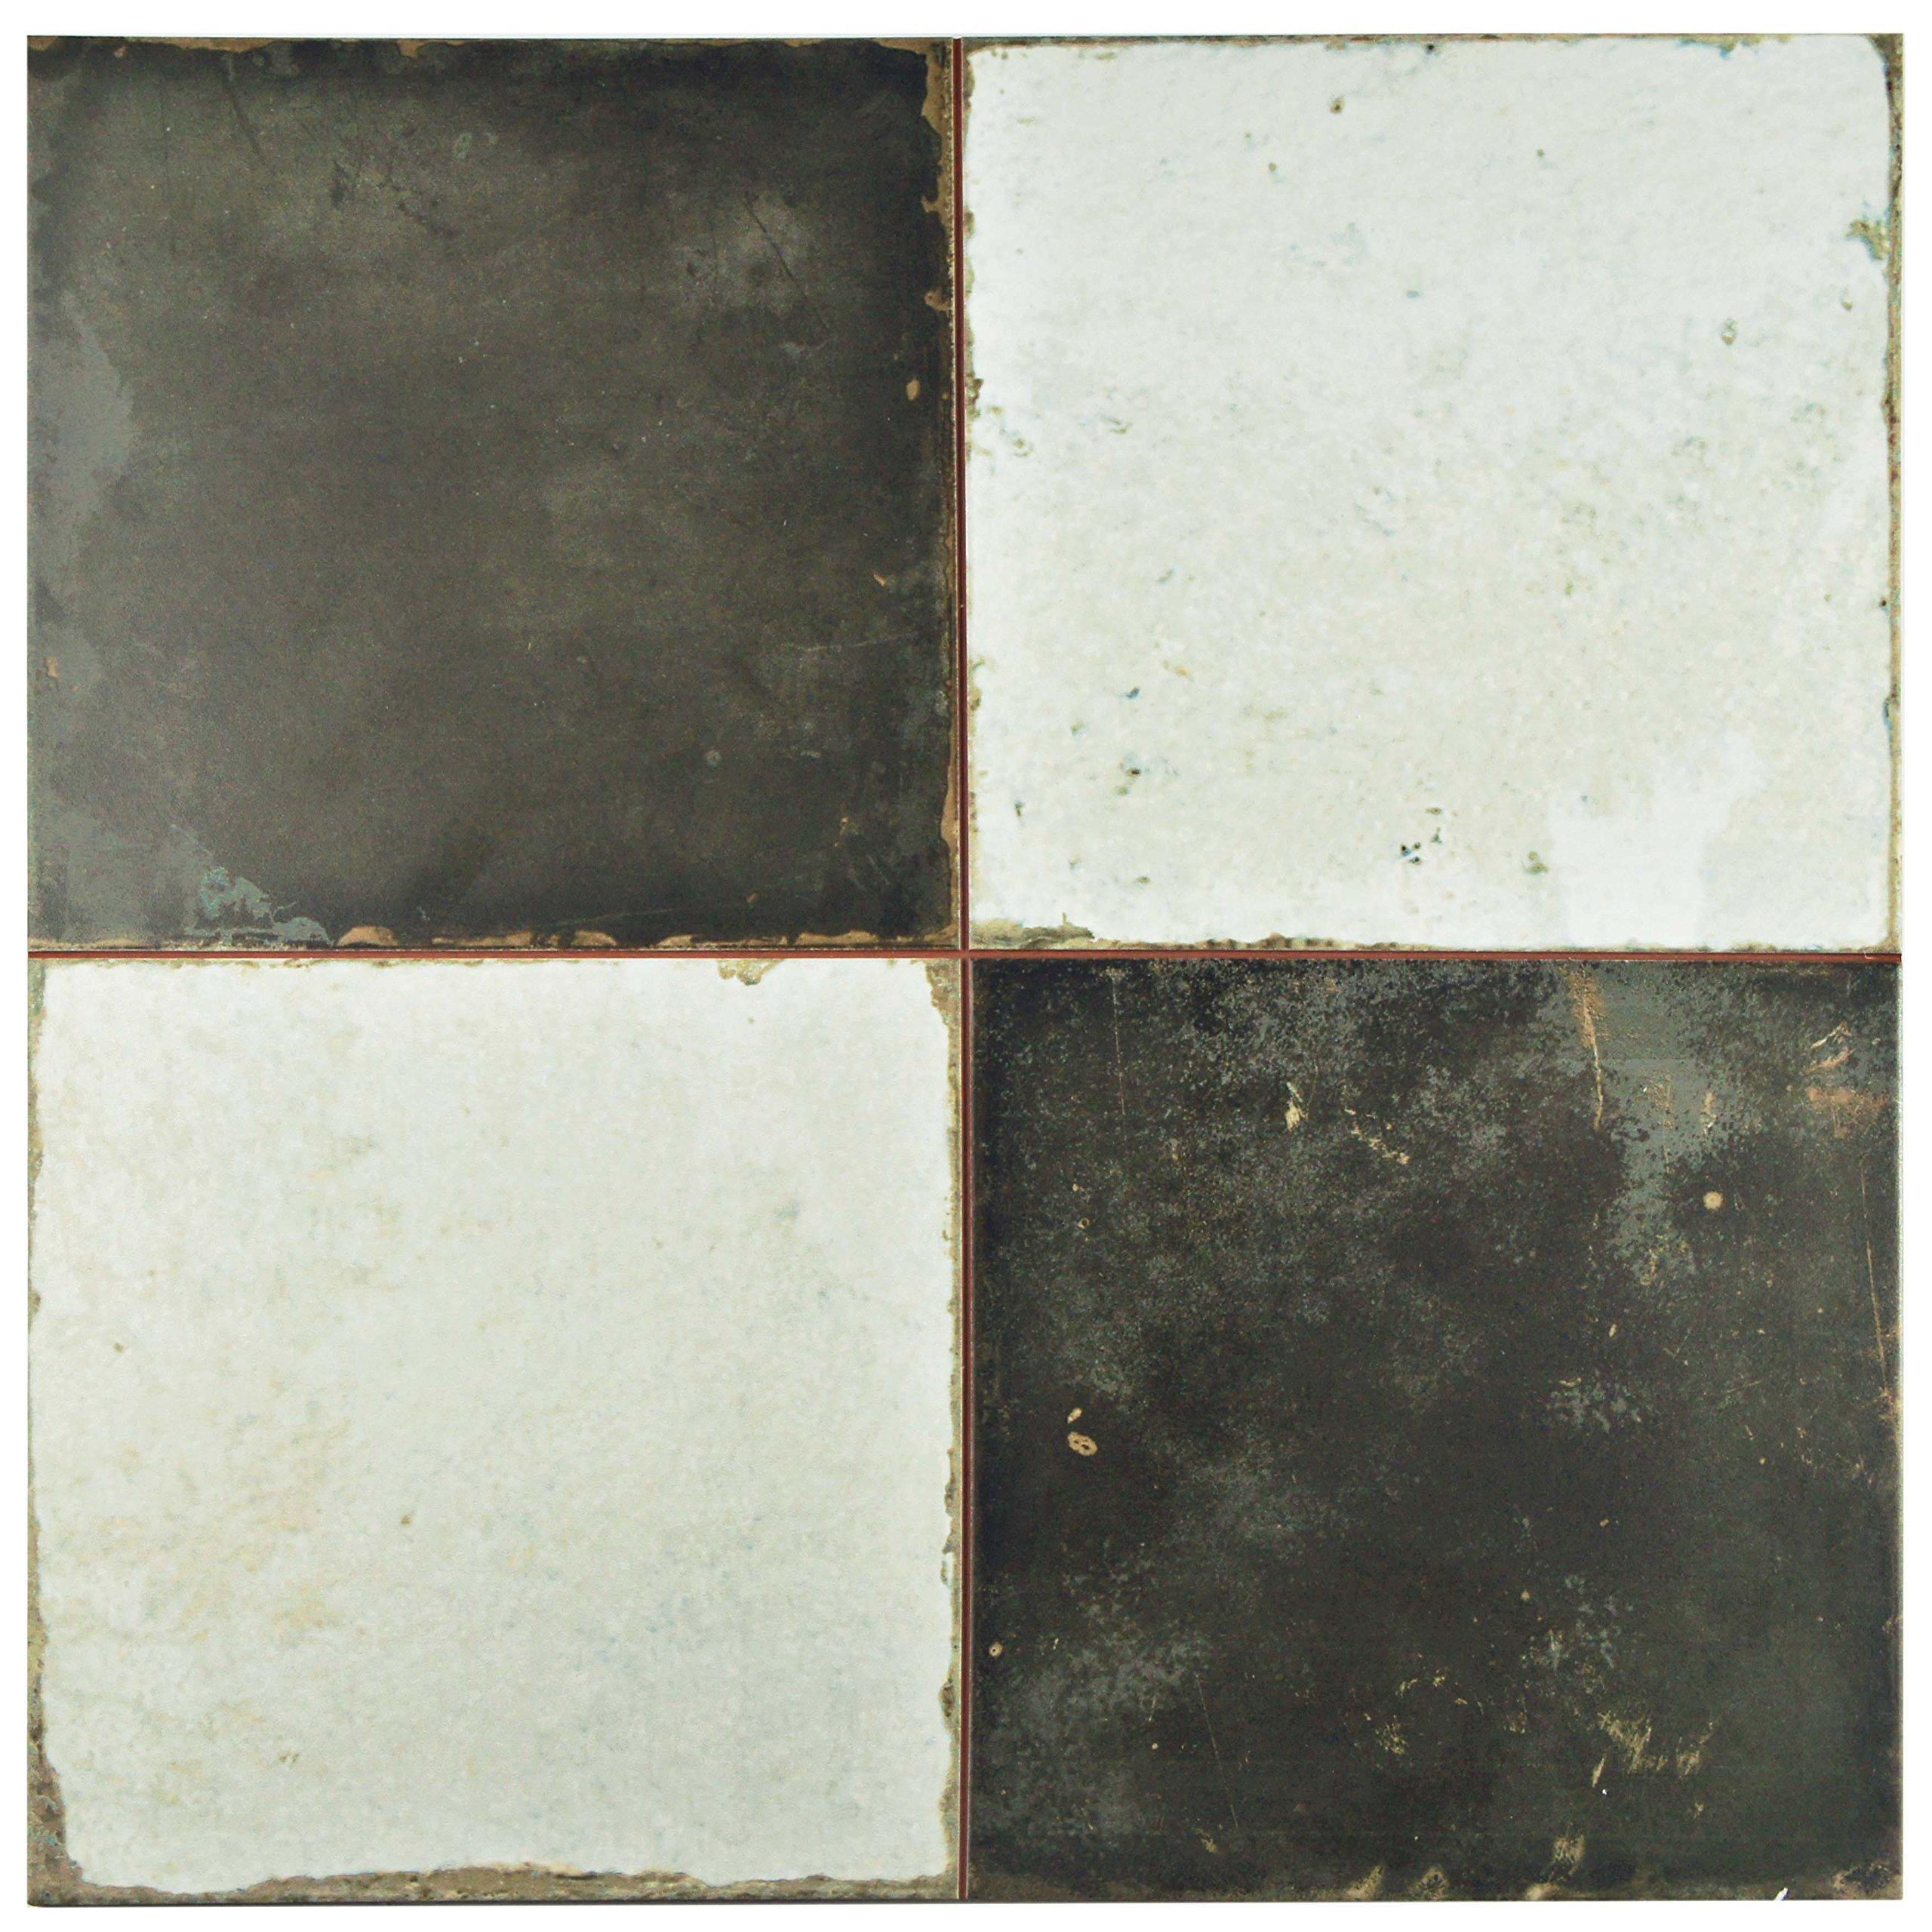 SomerTile FPEKDAME Reyes Ceramic Floor and Wall Tile, 17.75'' x 17.75'', Black/White by SOMERTILE